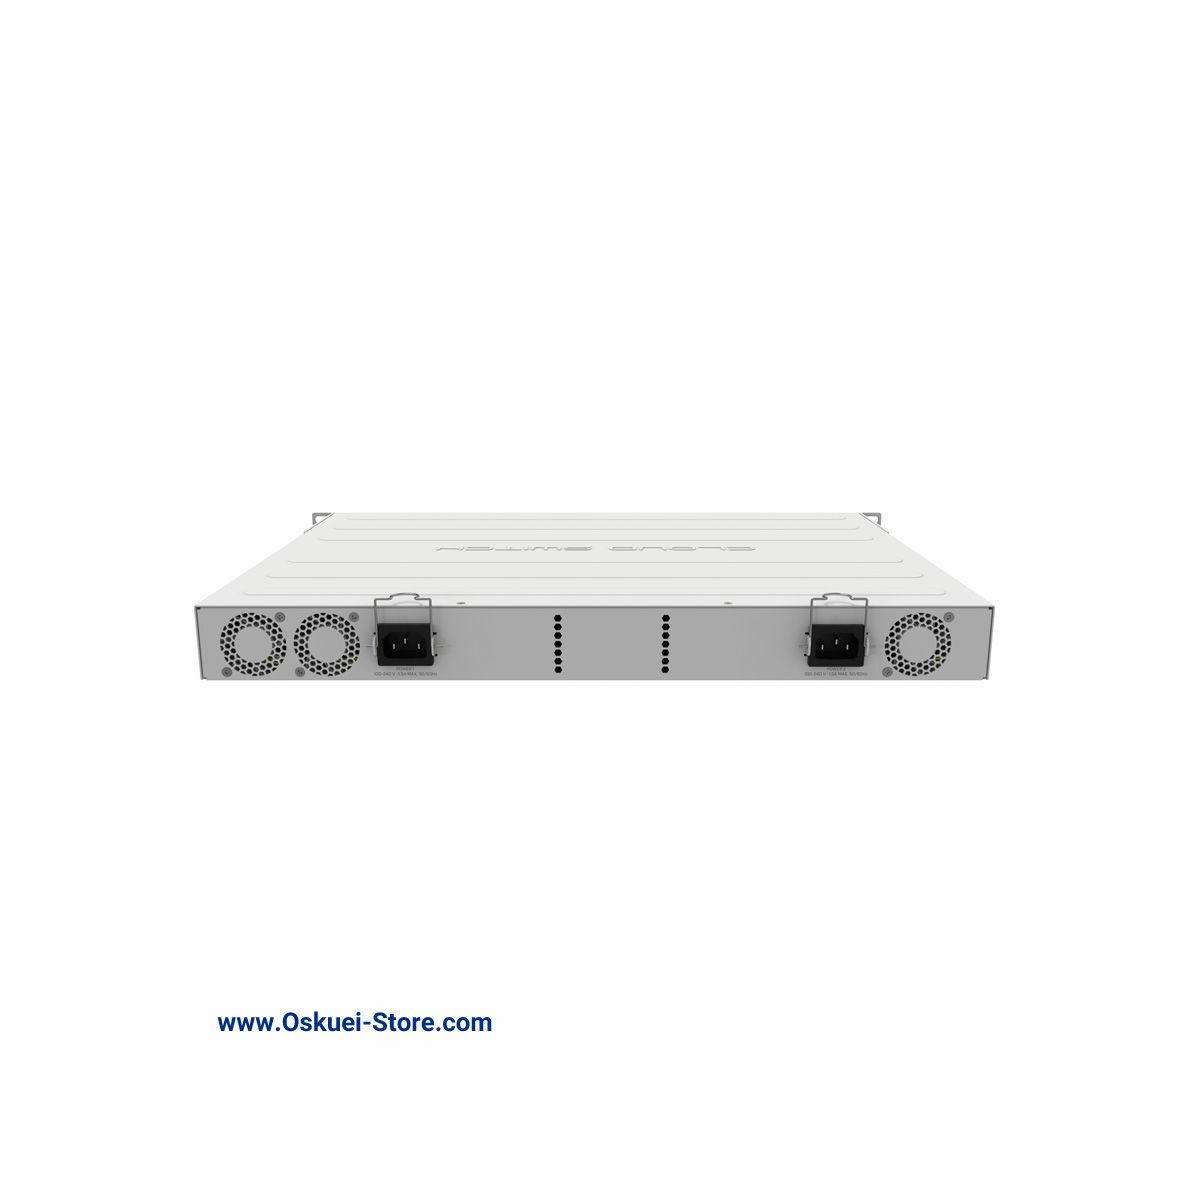 سوئیچ روتر میکروتیک مدل CRS354-48G-4S+2Q+RM